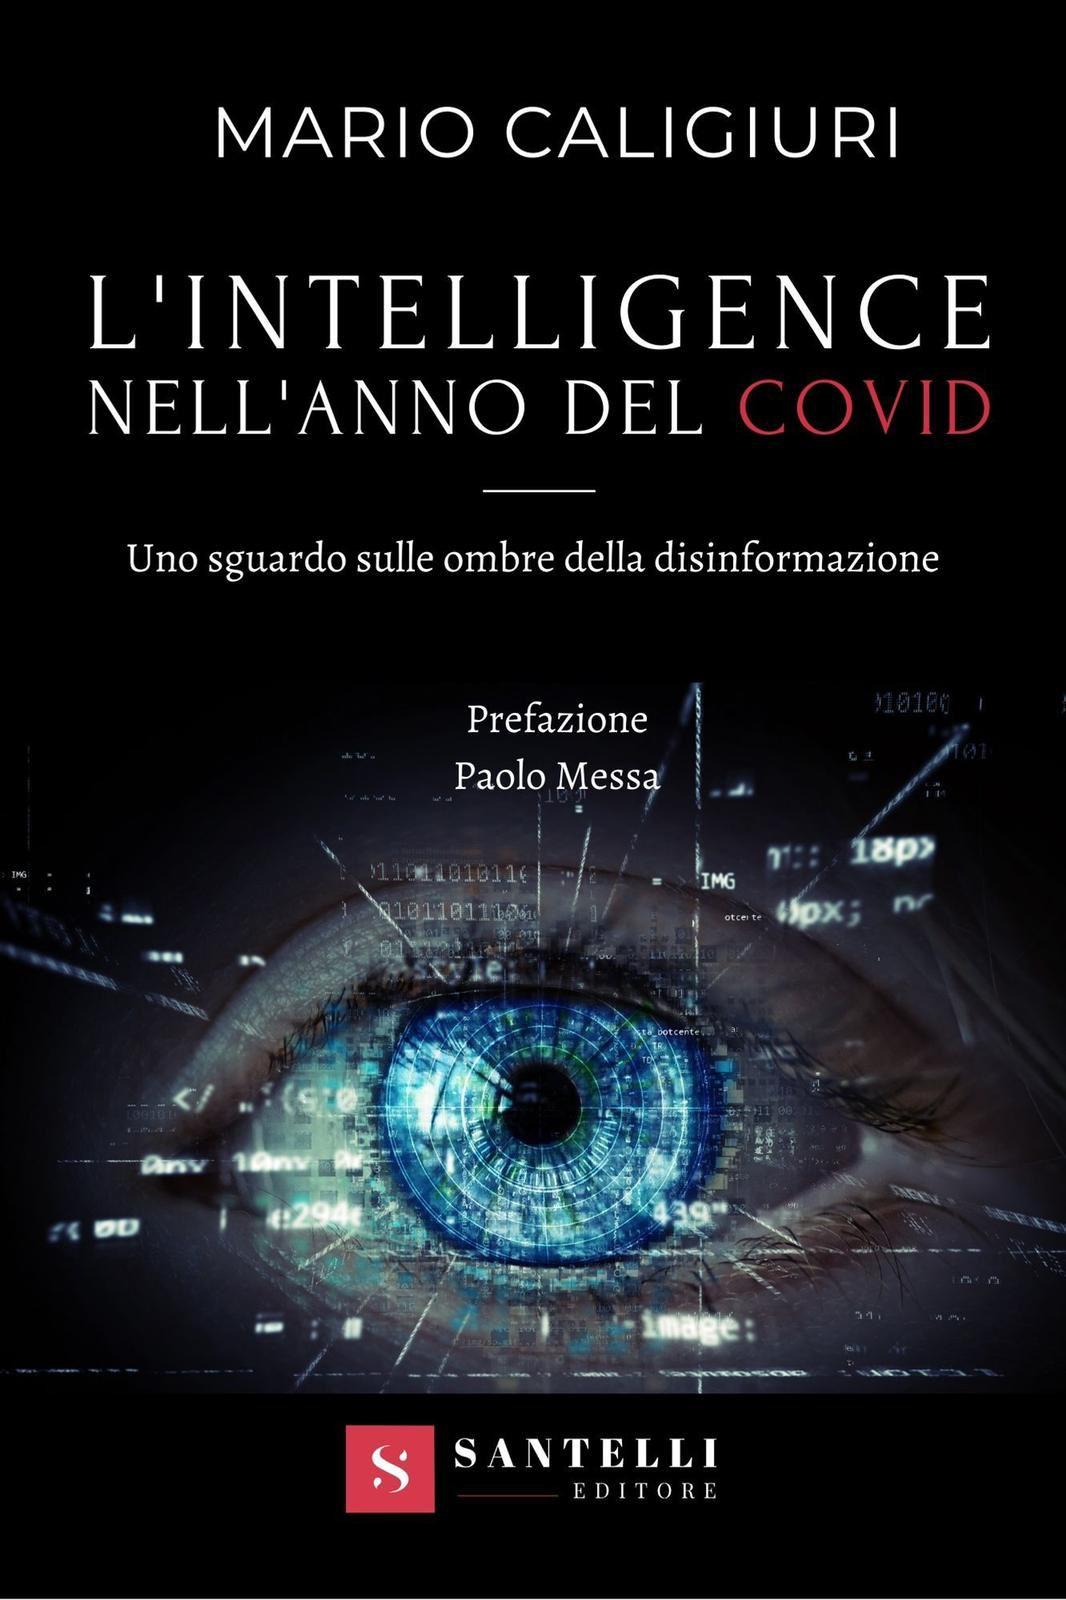 Intelligence nell'anno del Covid - Uno sguardo sulle ombre della disinformazioneIntelligence nell'anno del Covid